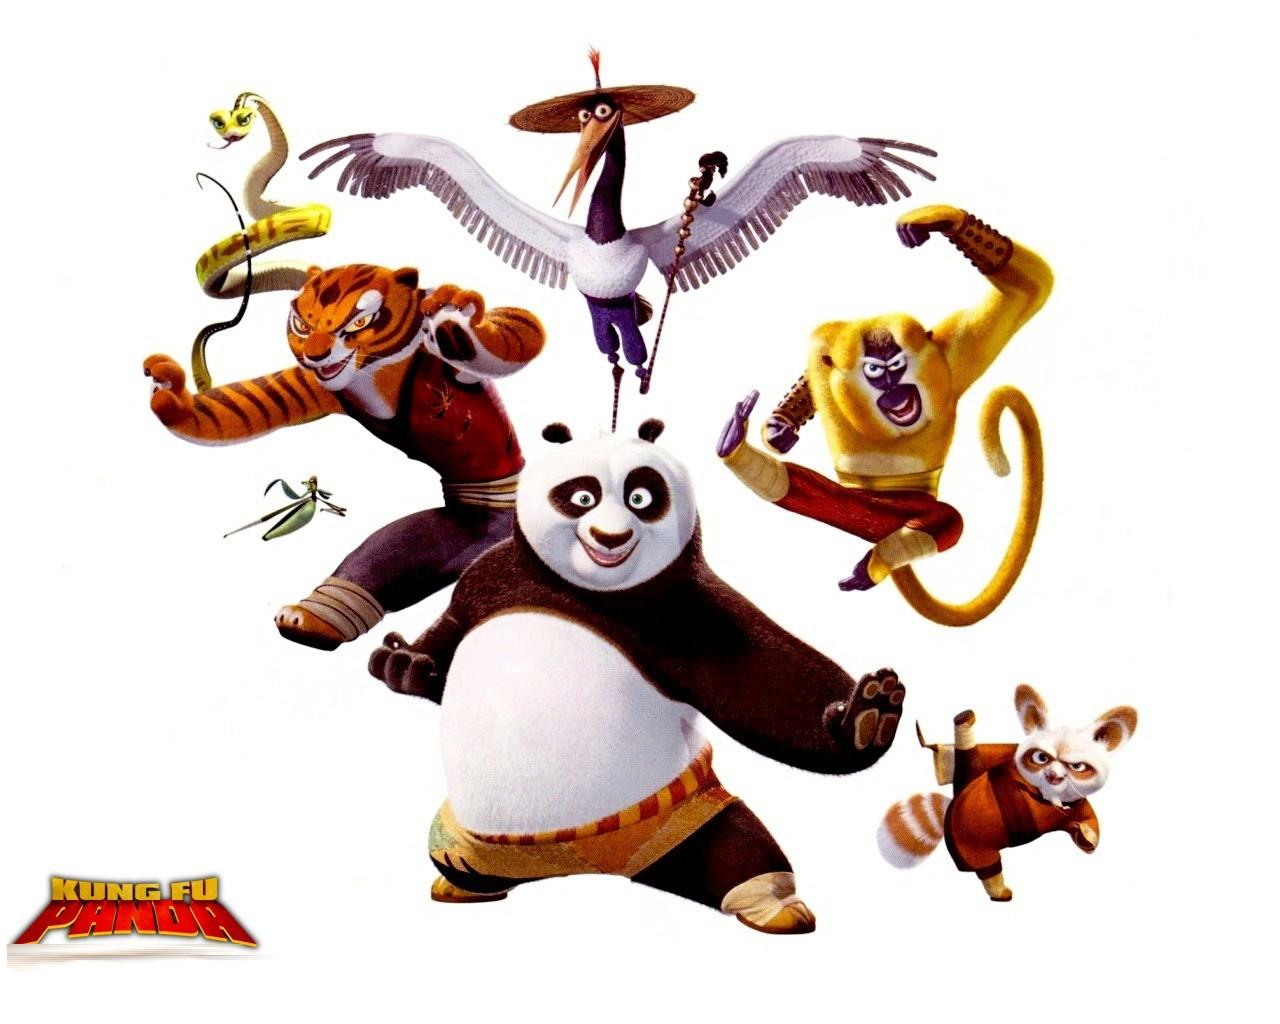 101hollywoodnews: Kung Fu Panda 2 Quotes